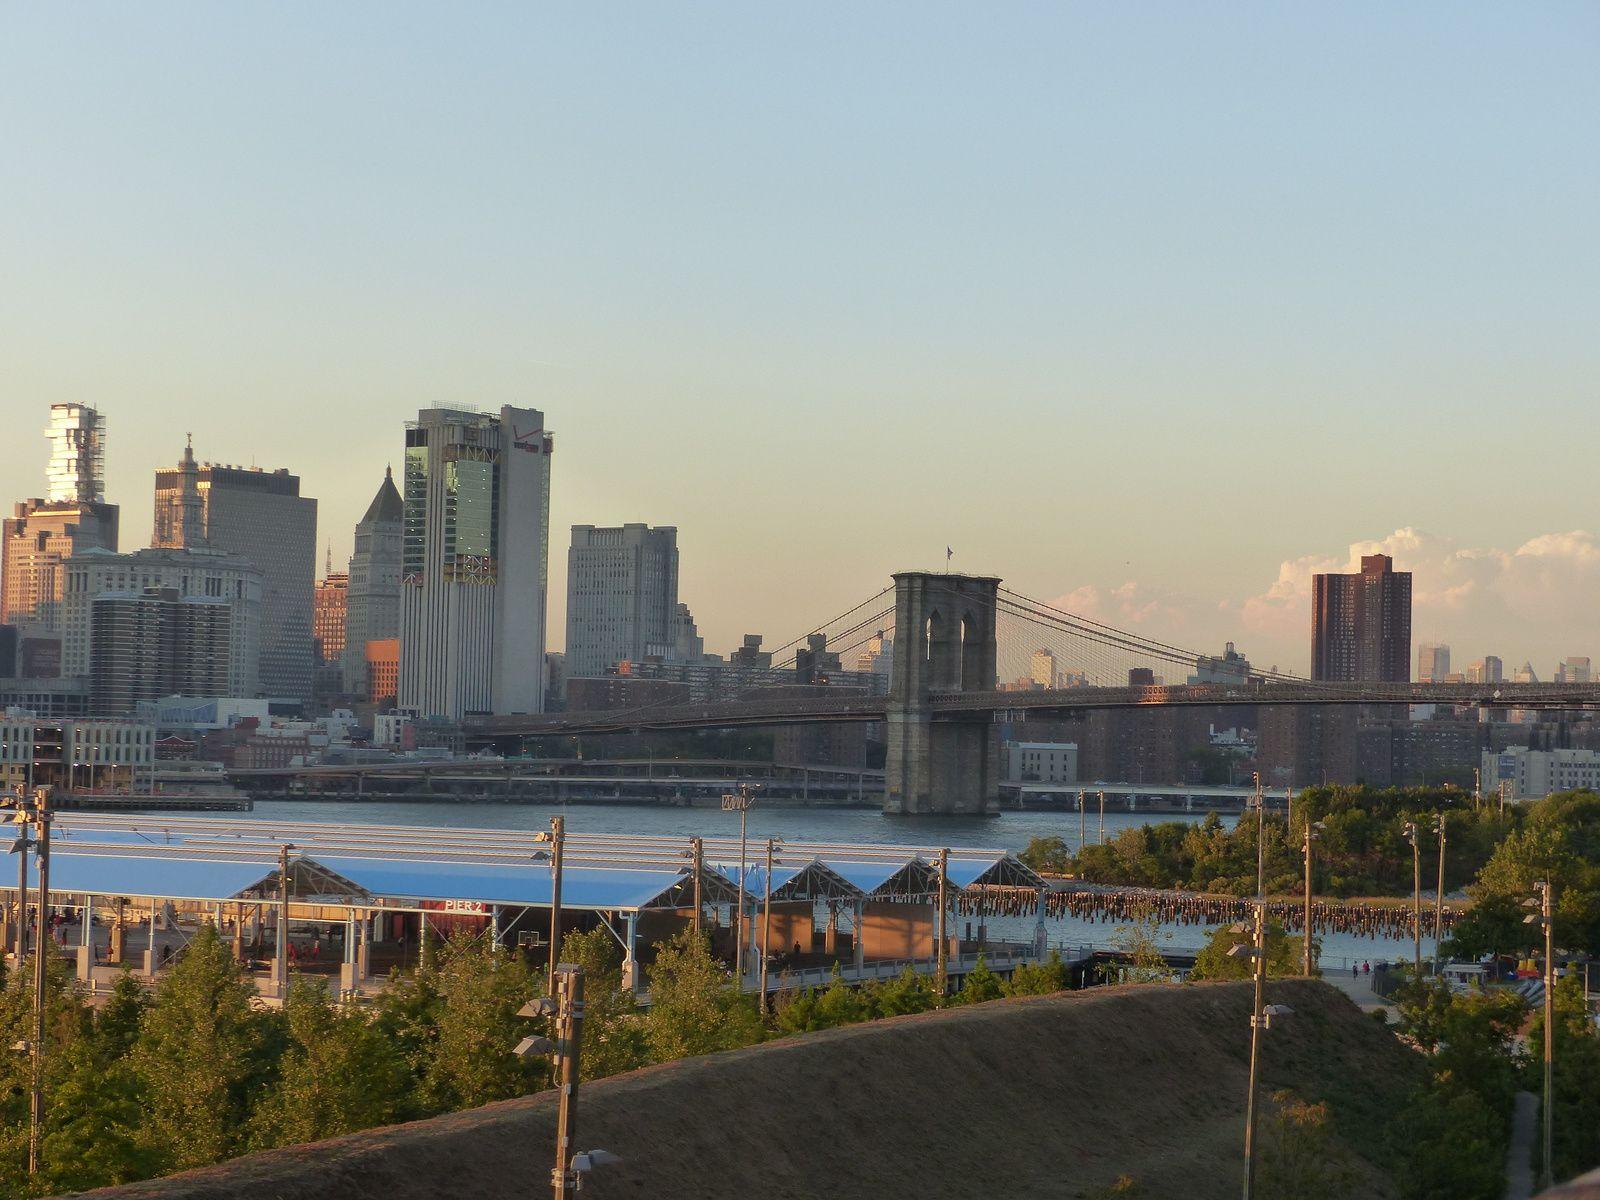 Attendre la tombée de la nuit au pied du Pont de Brooklyn puis traverser et profiter de la magie de New York